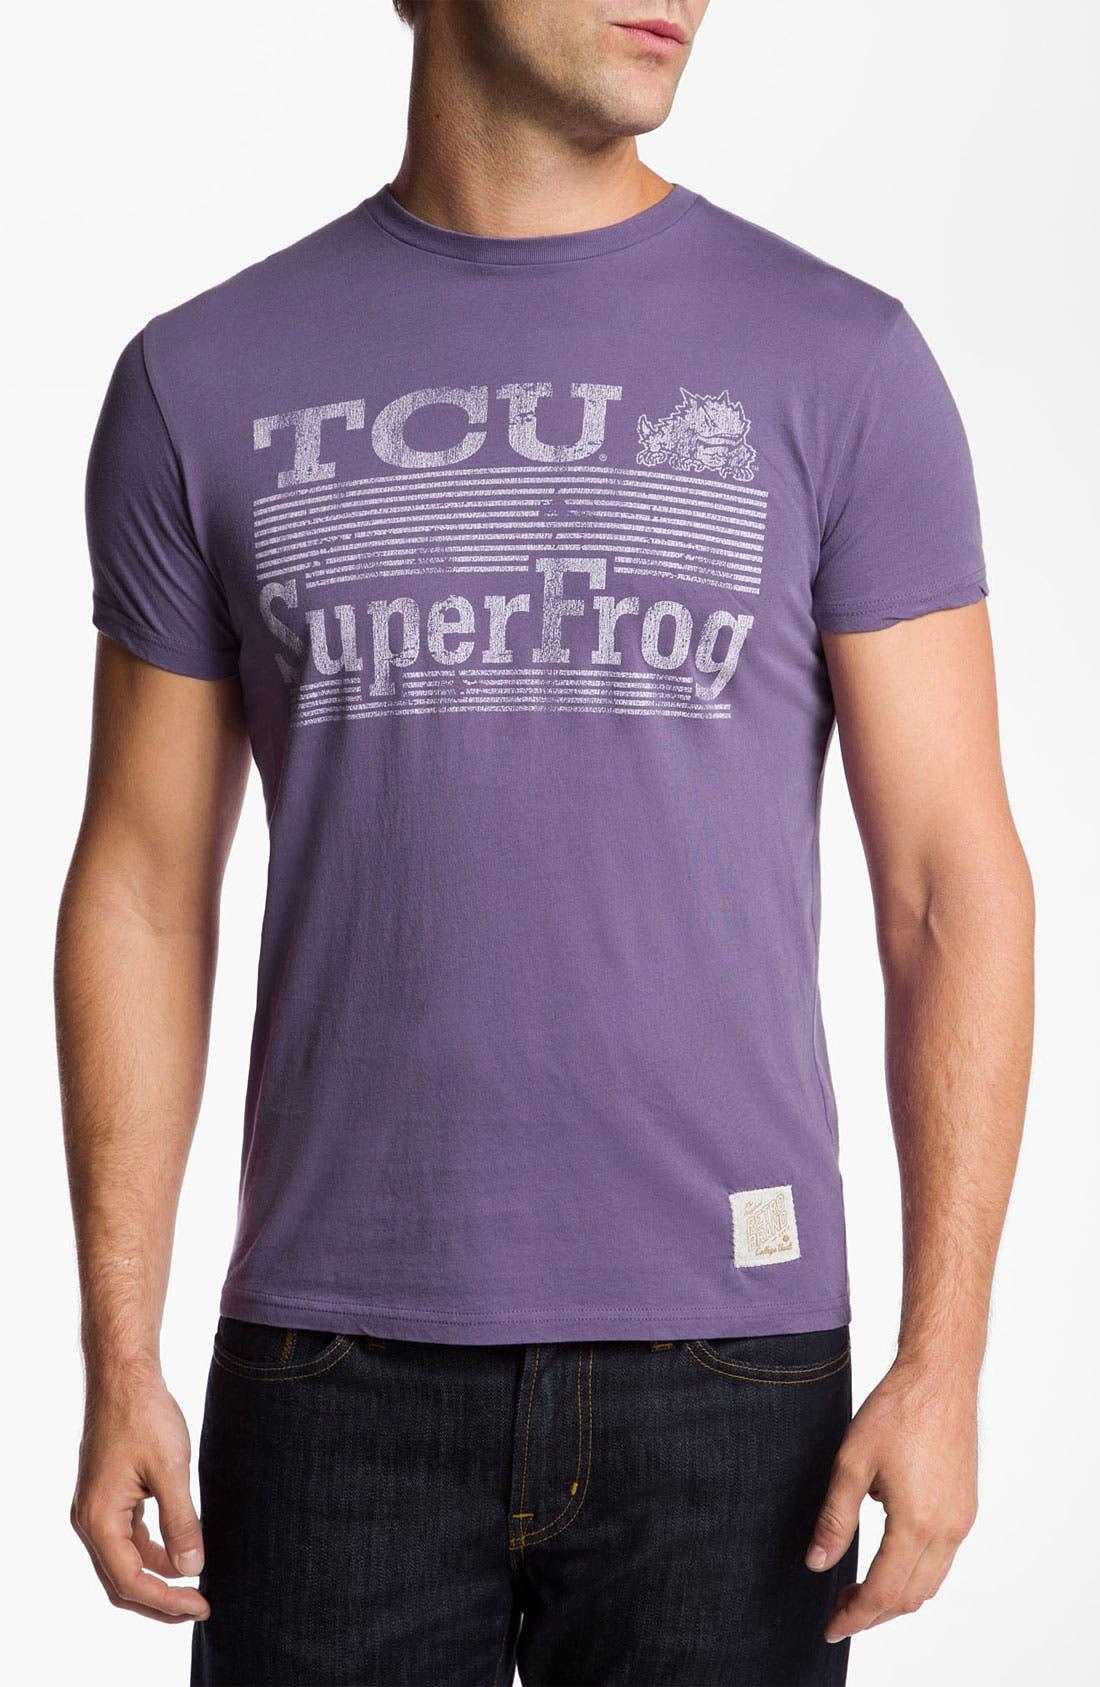 Main Image - The Original Retro Brand 'TCU Horned Frogs - Superfrog' T-Shirt